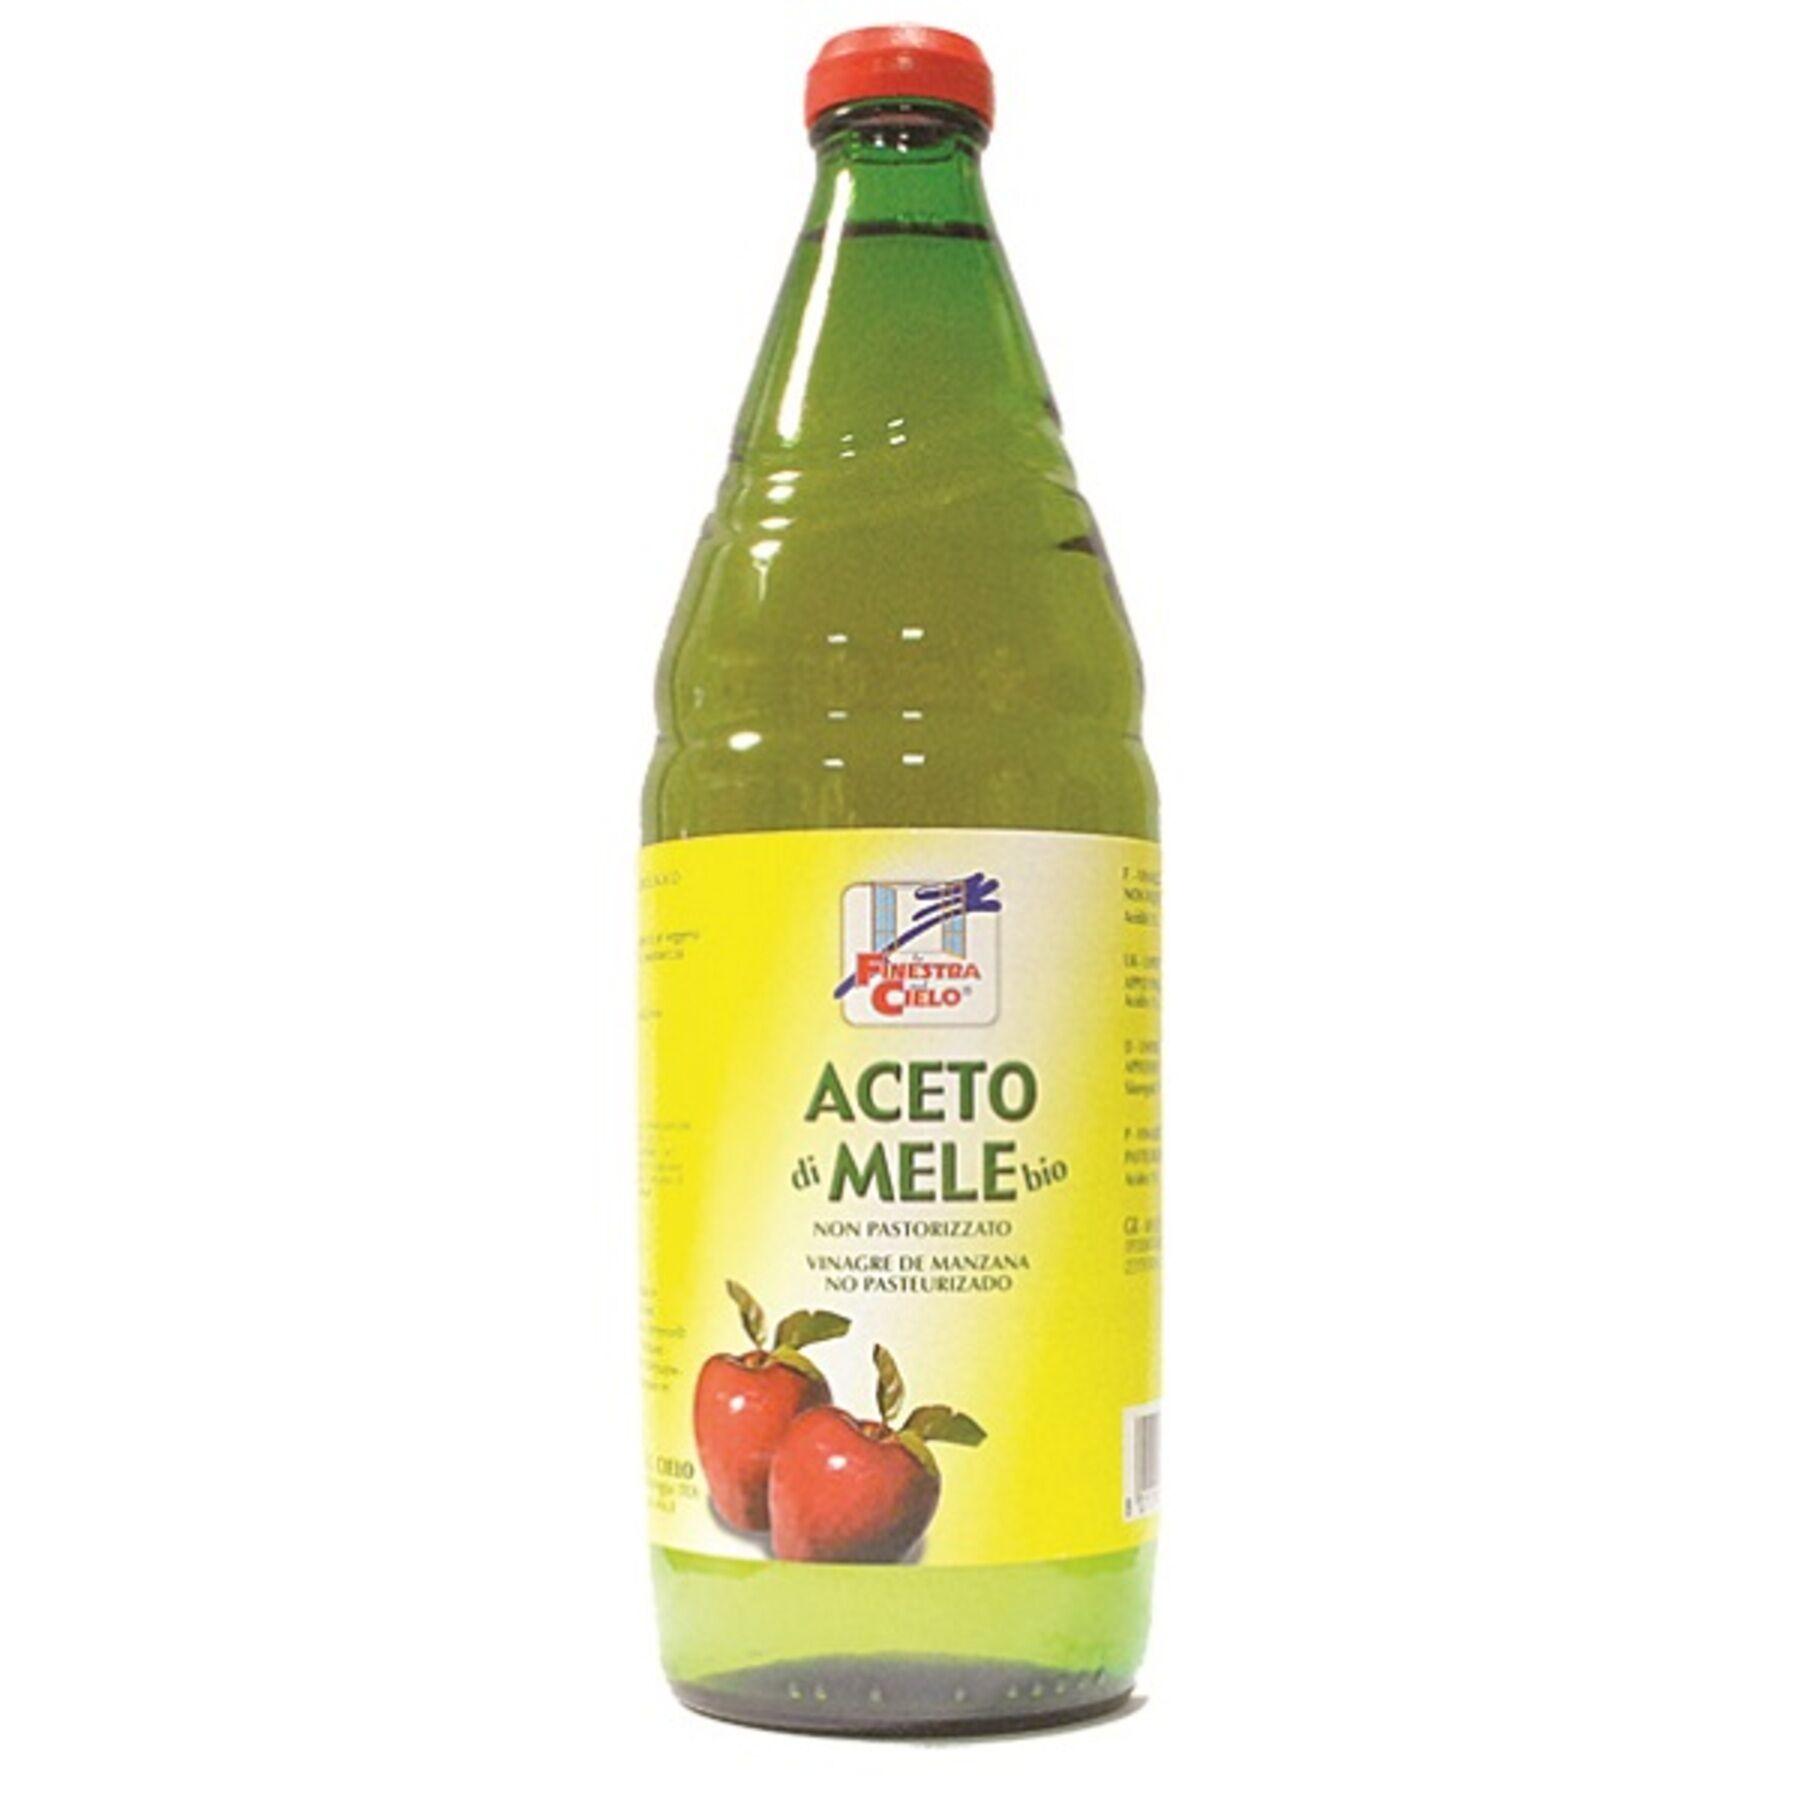 BIOTOBIO Srl Aceto di mele valle del reno bio 750 ml